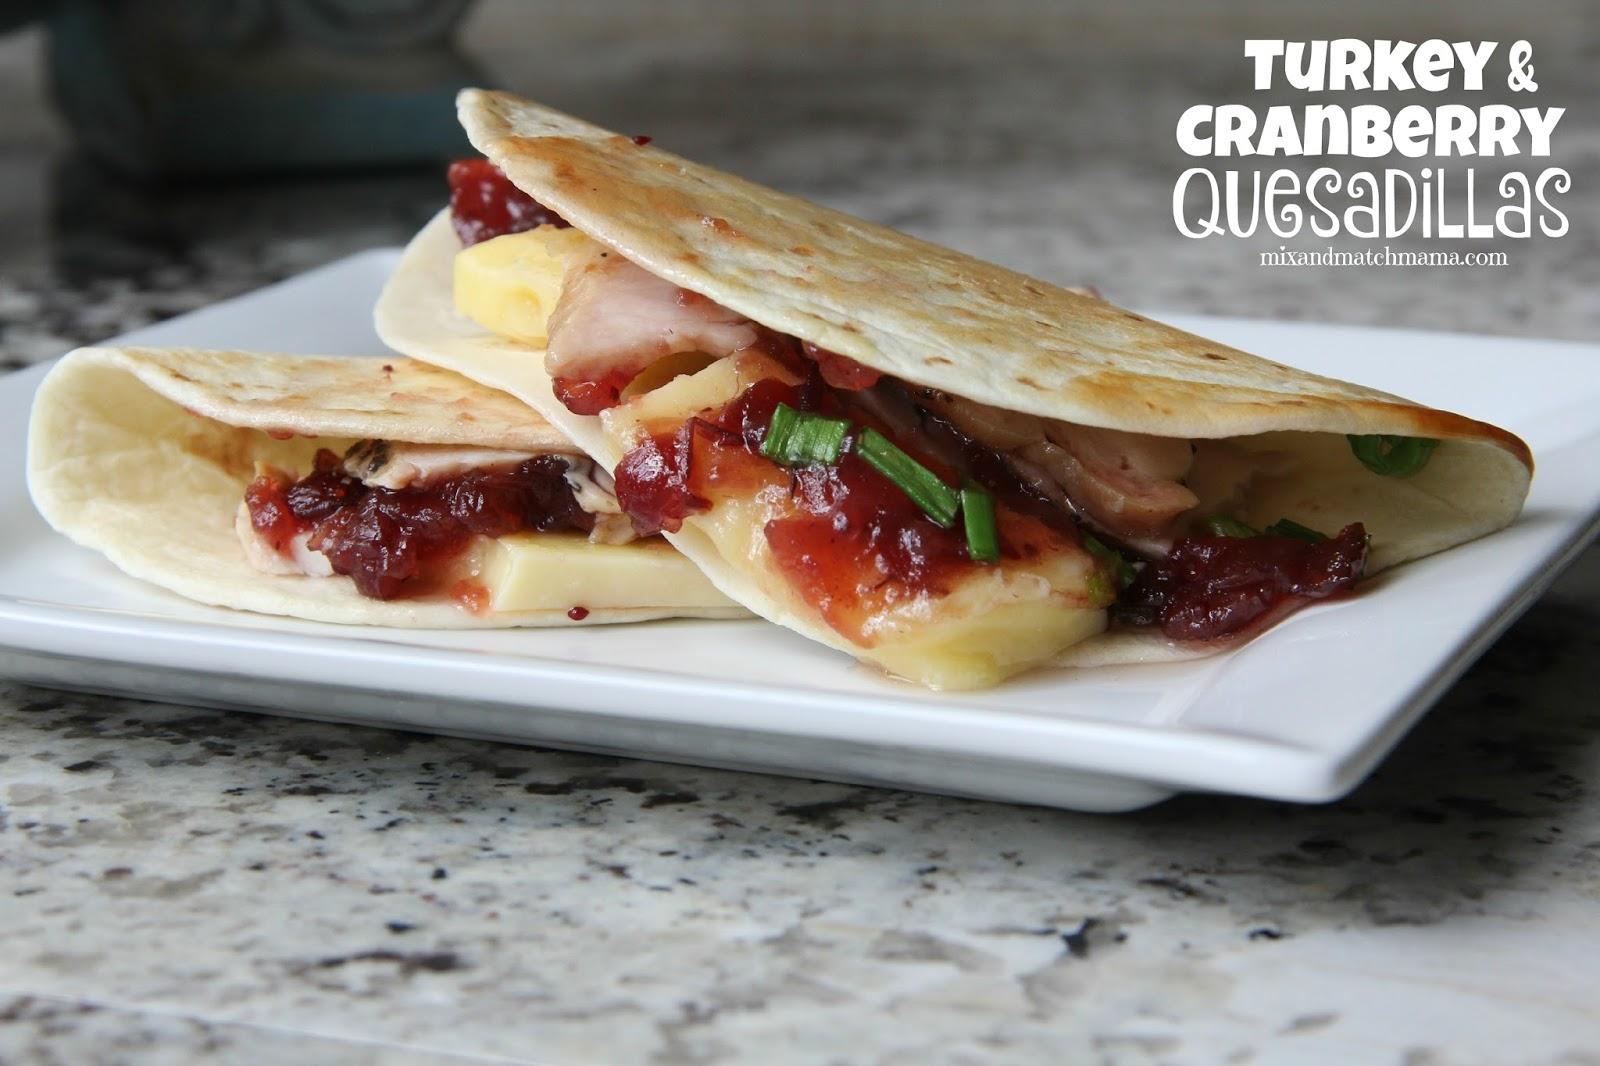 Turkey & Cranberry Quesadillas   Mix and Match Mama